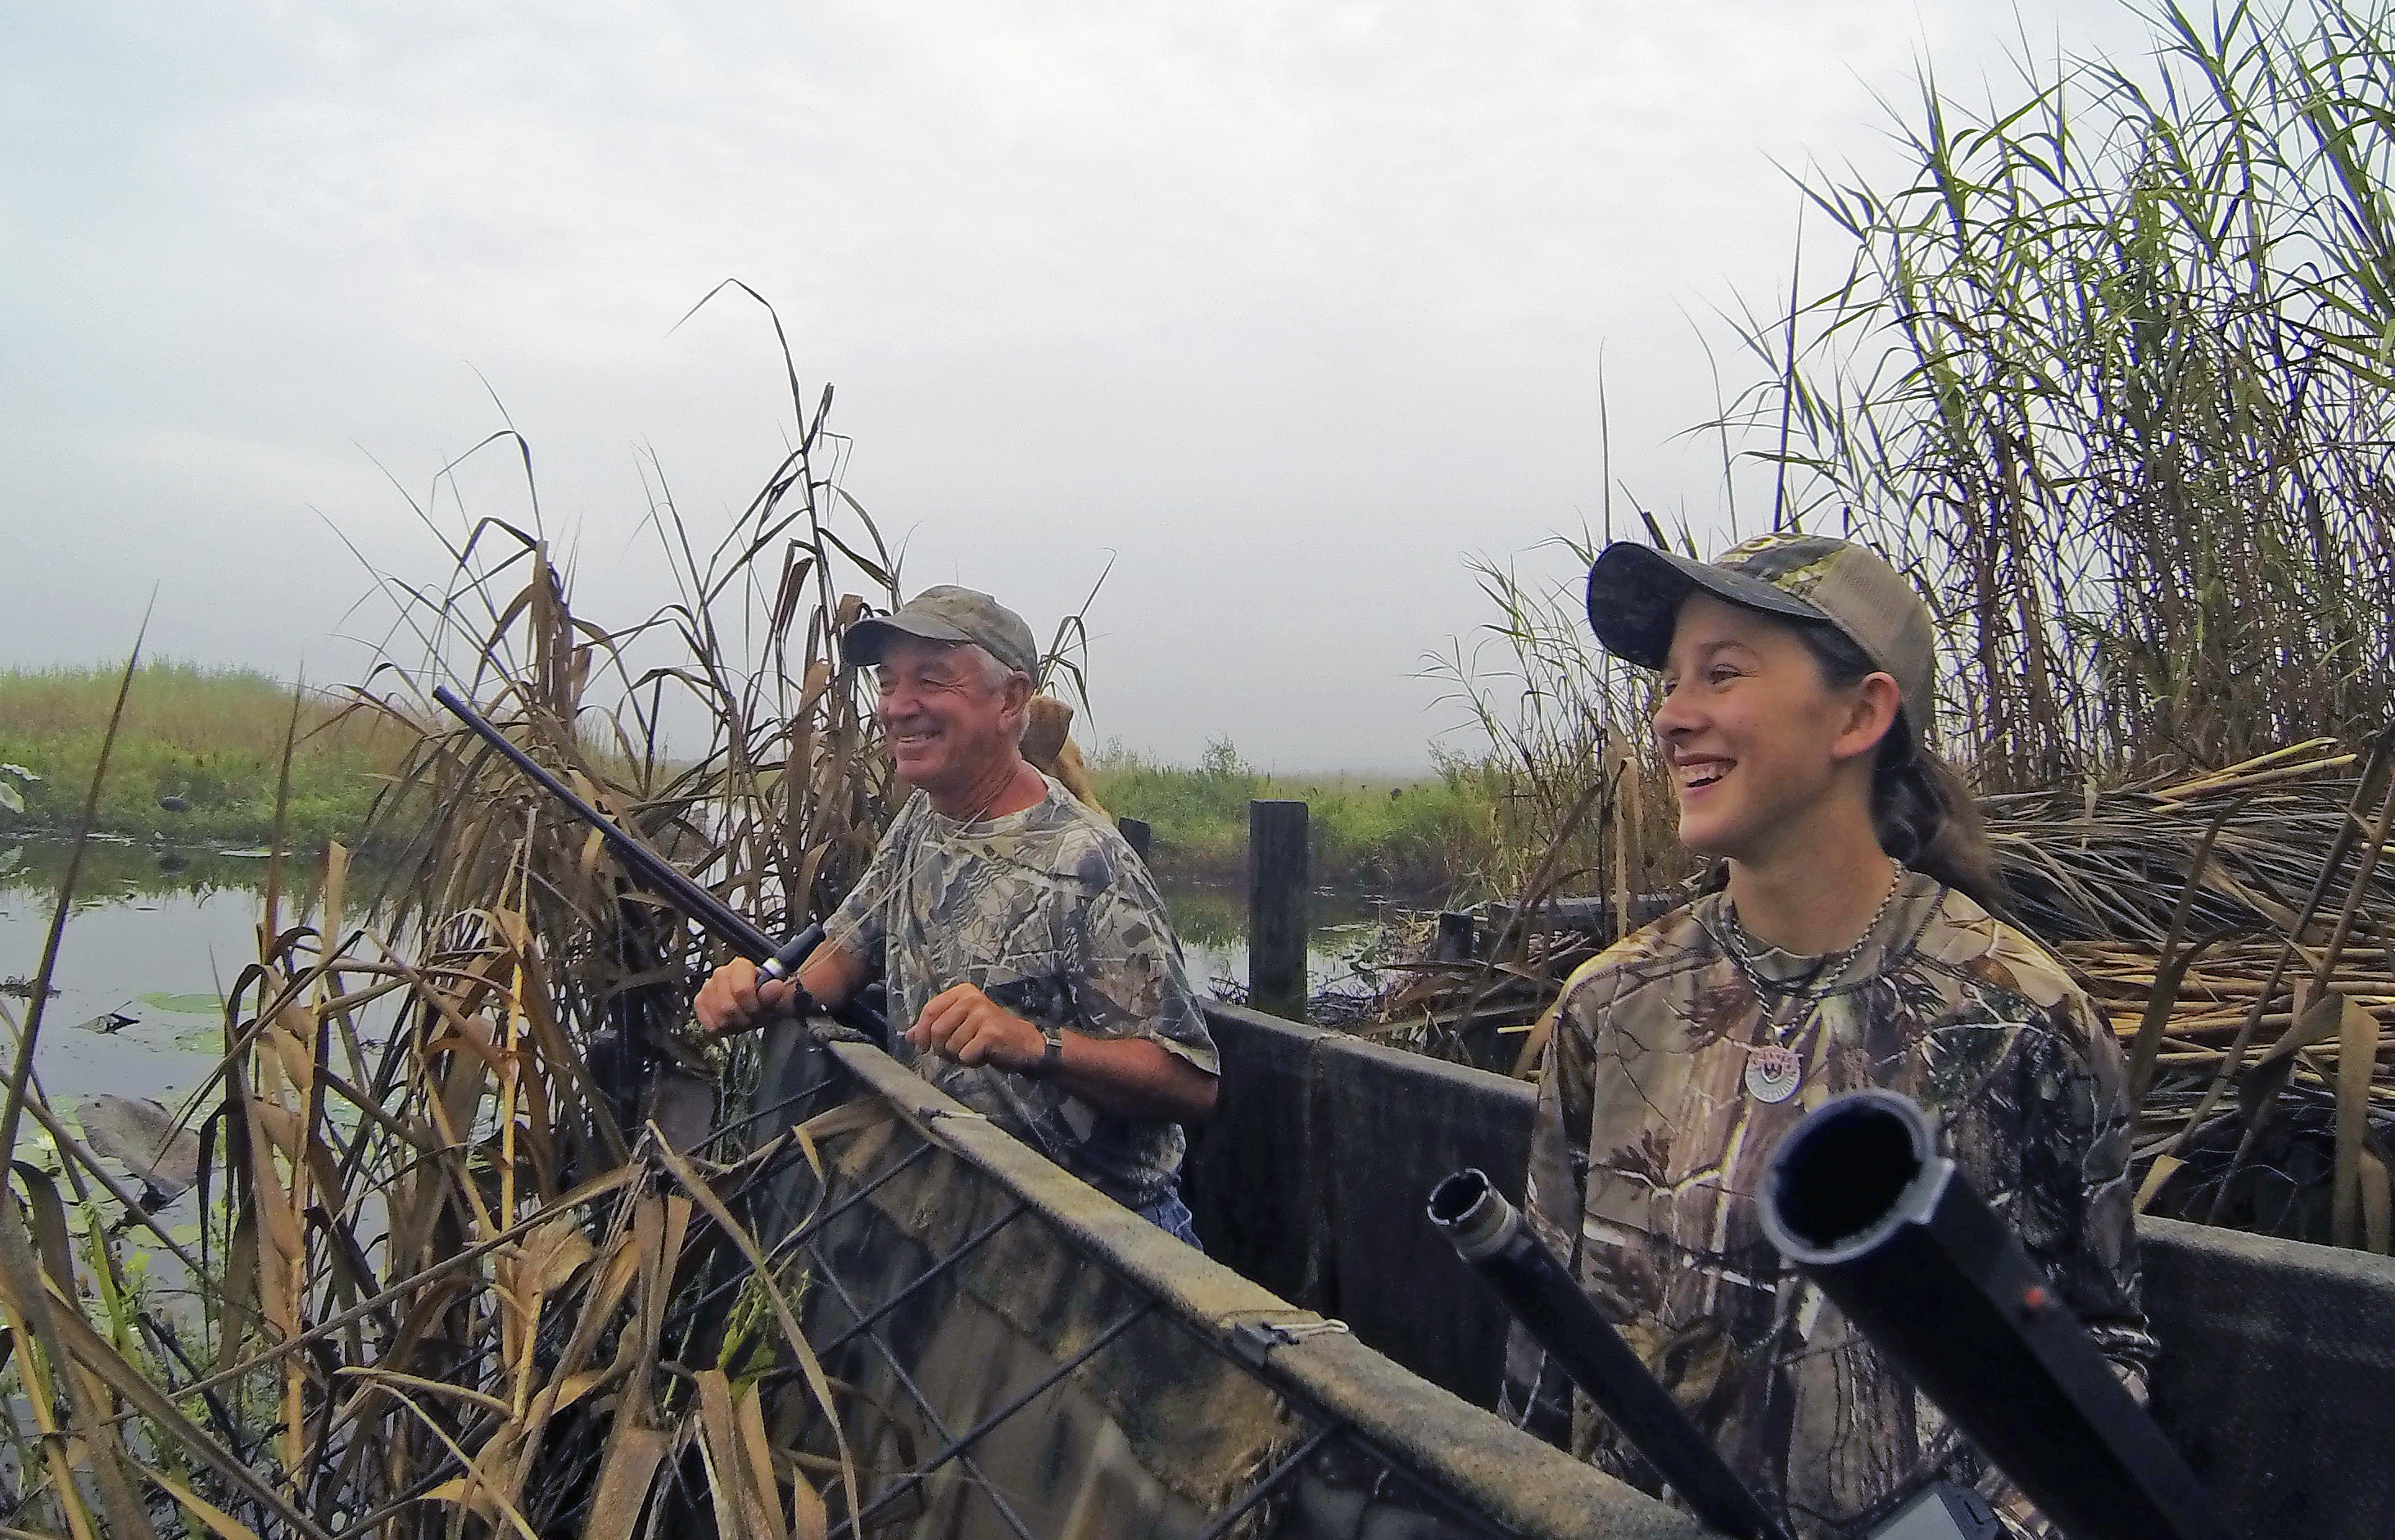 Happy-hunters-Dougs-Hunting-Lodge-Louisiana-Mia-Anstine-Photo.jpg